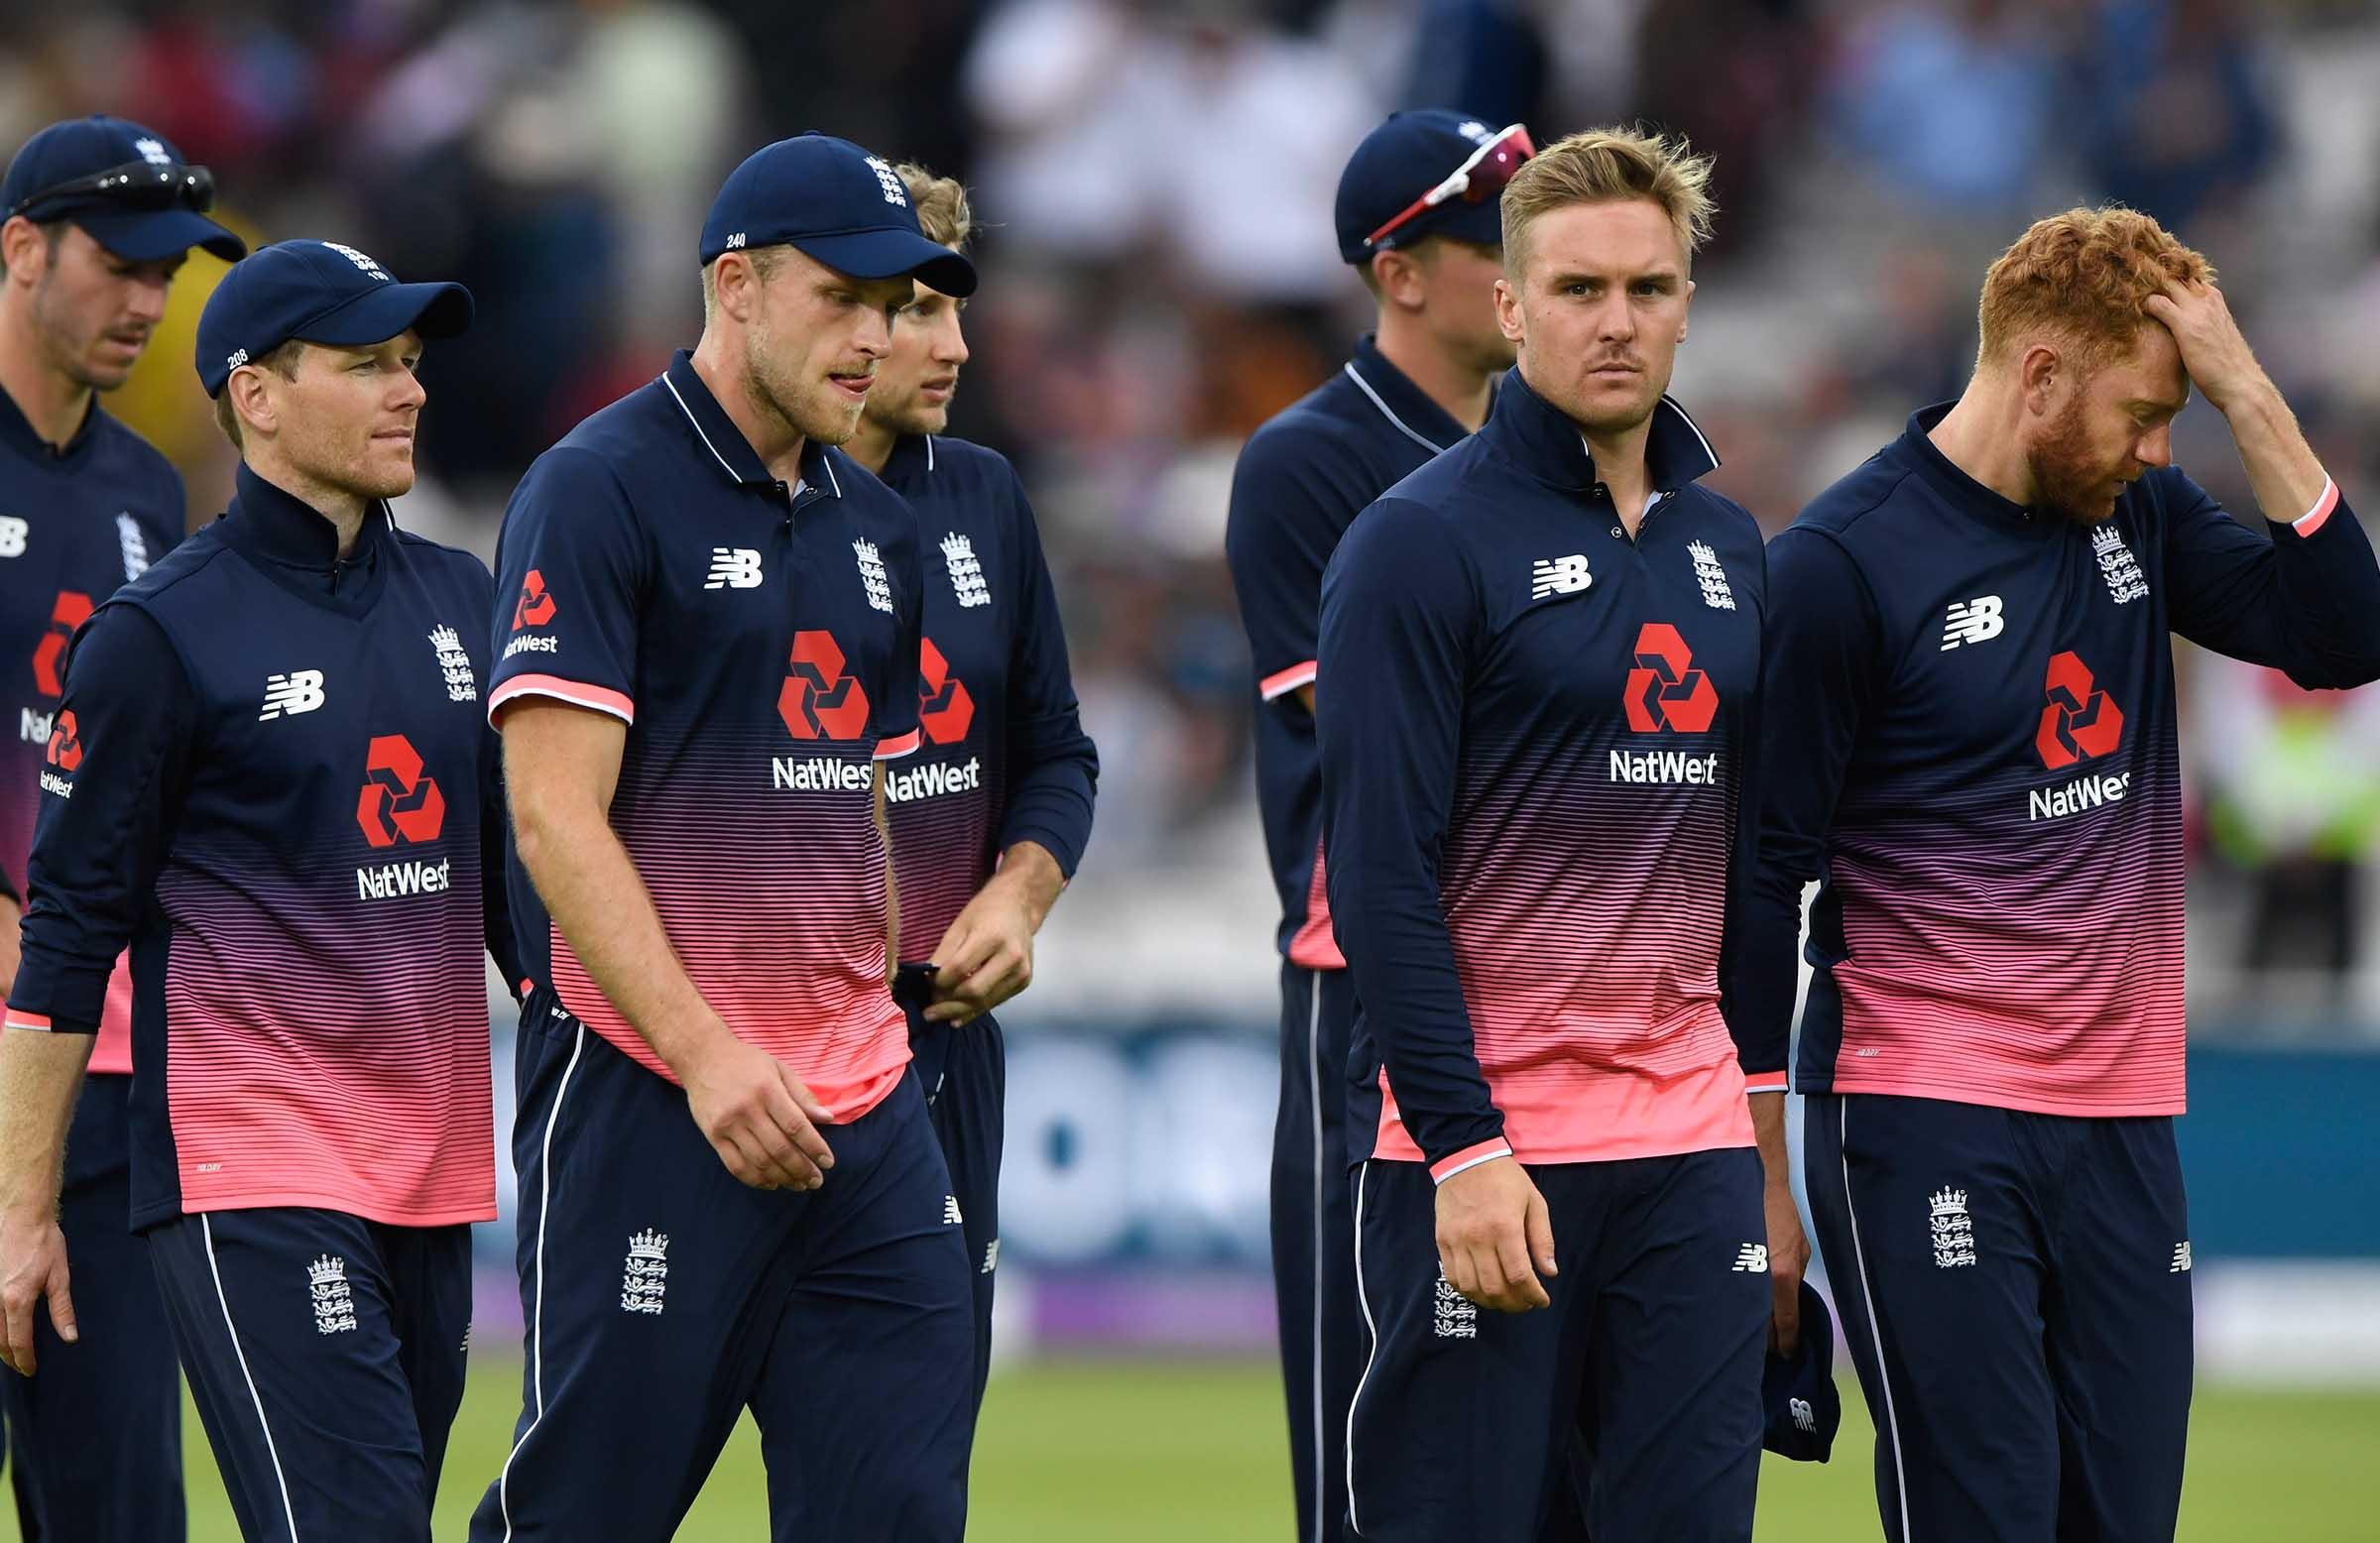 इंग्लैंड बनाम भारत: भारत से मिली हार के बाद कप्तान मॉर्गन ने इनके सिर फोड़ा हार का ठीकरा